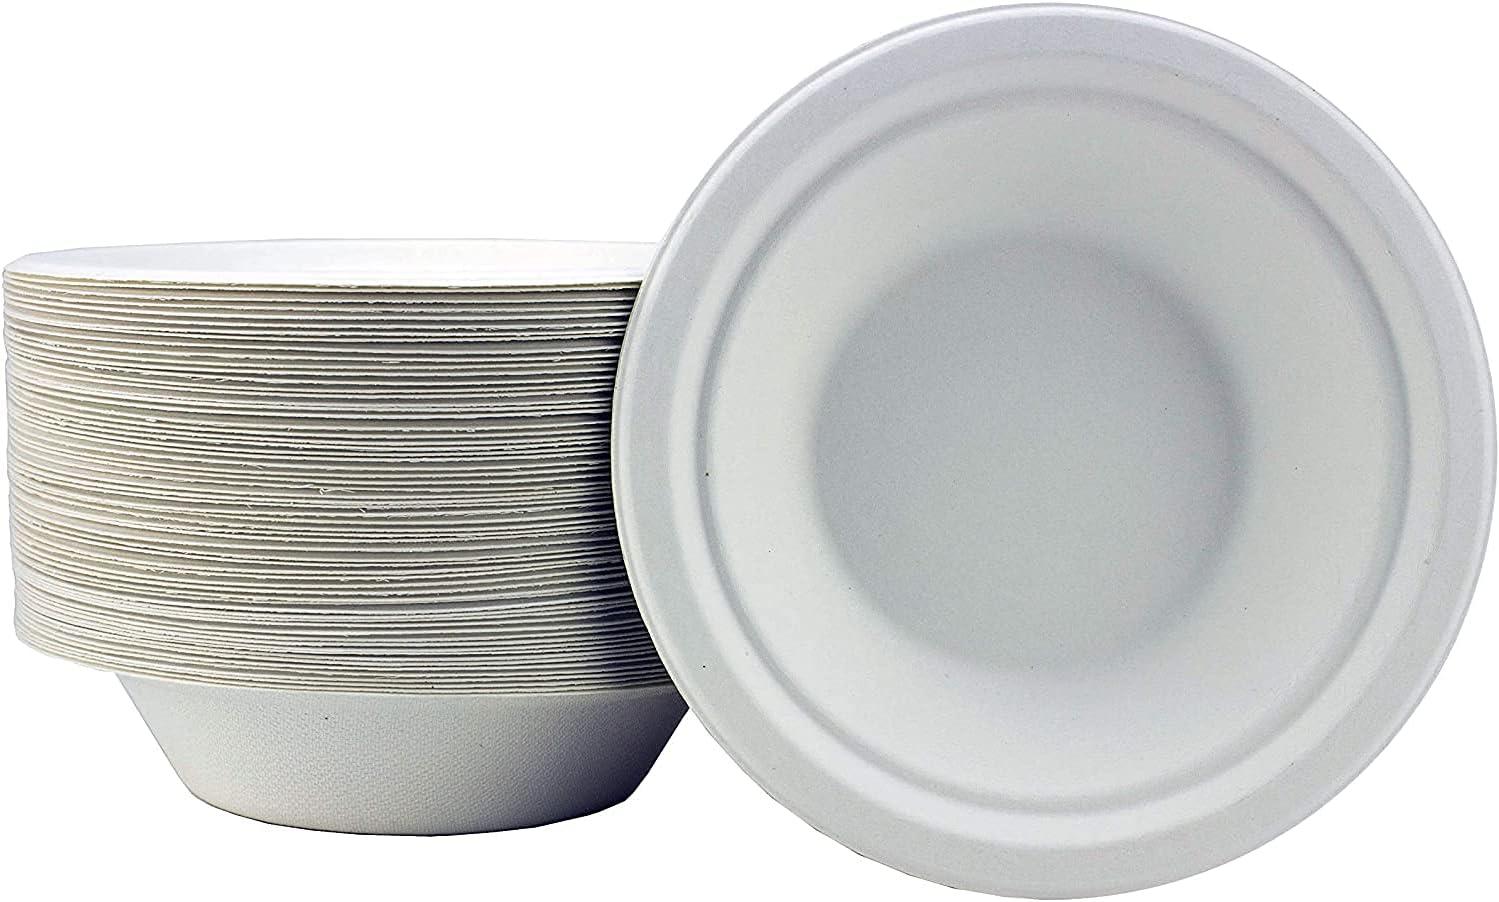 Khandekar 6 oz Disposable Bowls, Eco Friendly Biodegradable Sugarcane Bowls, - White, 180 ML, 50 Count